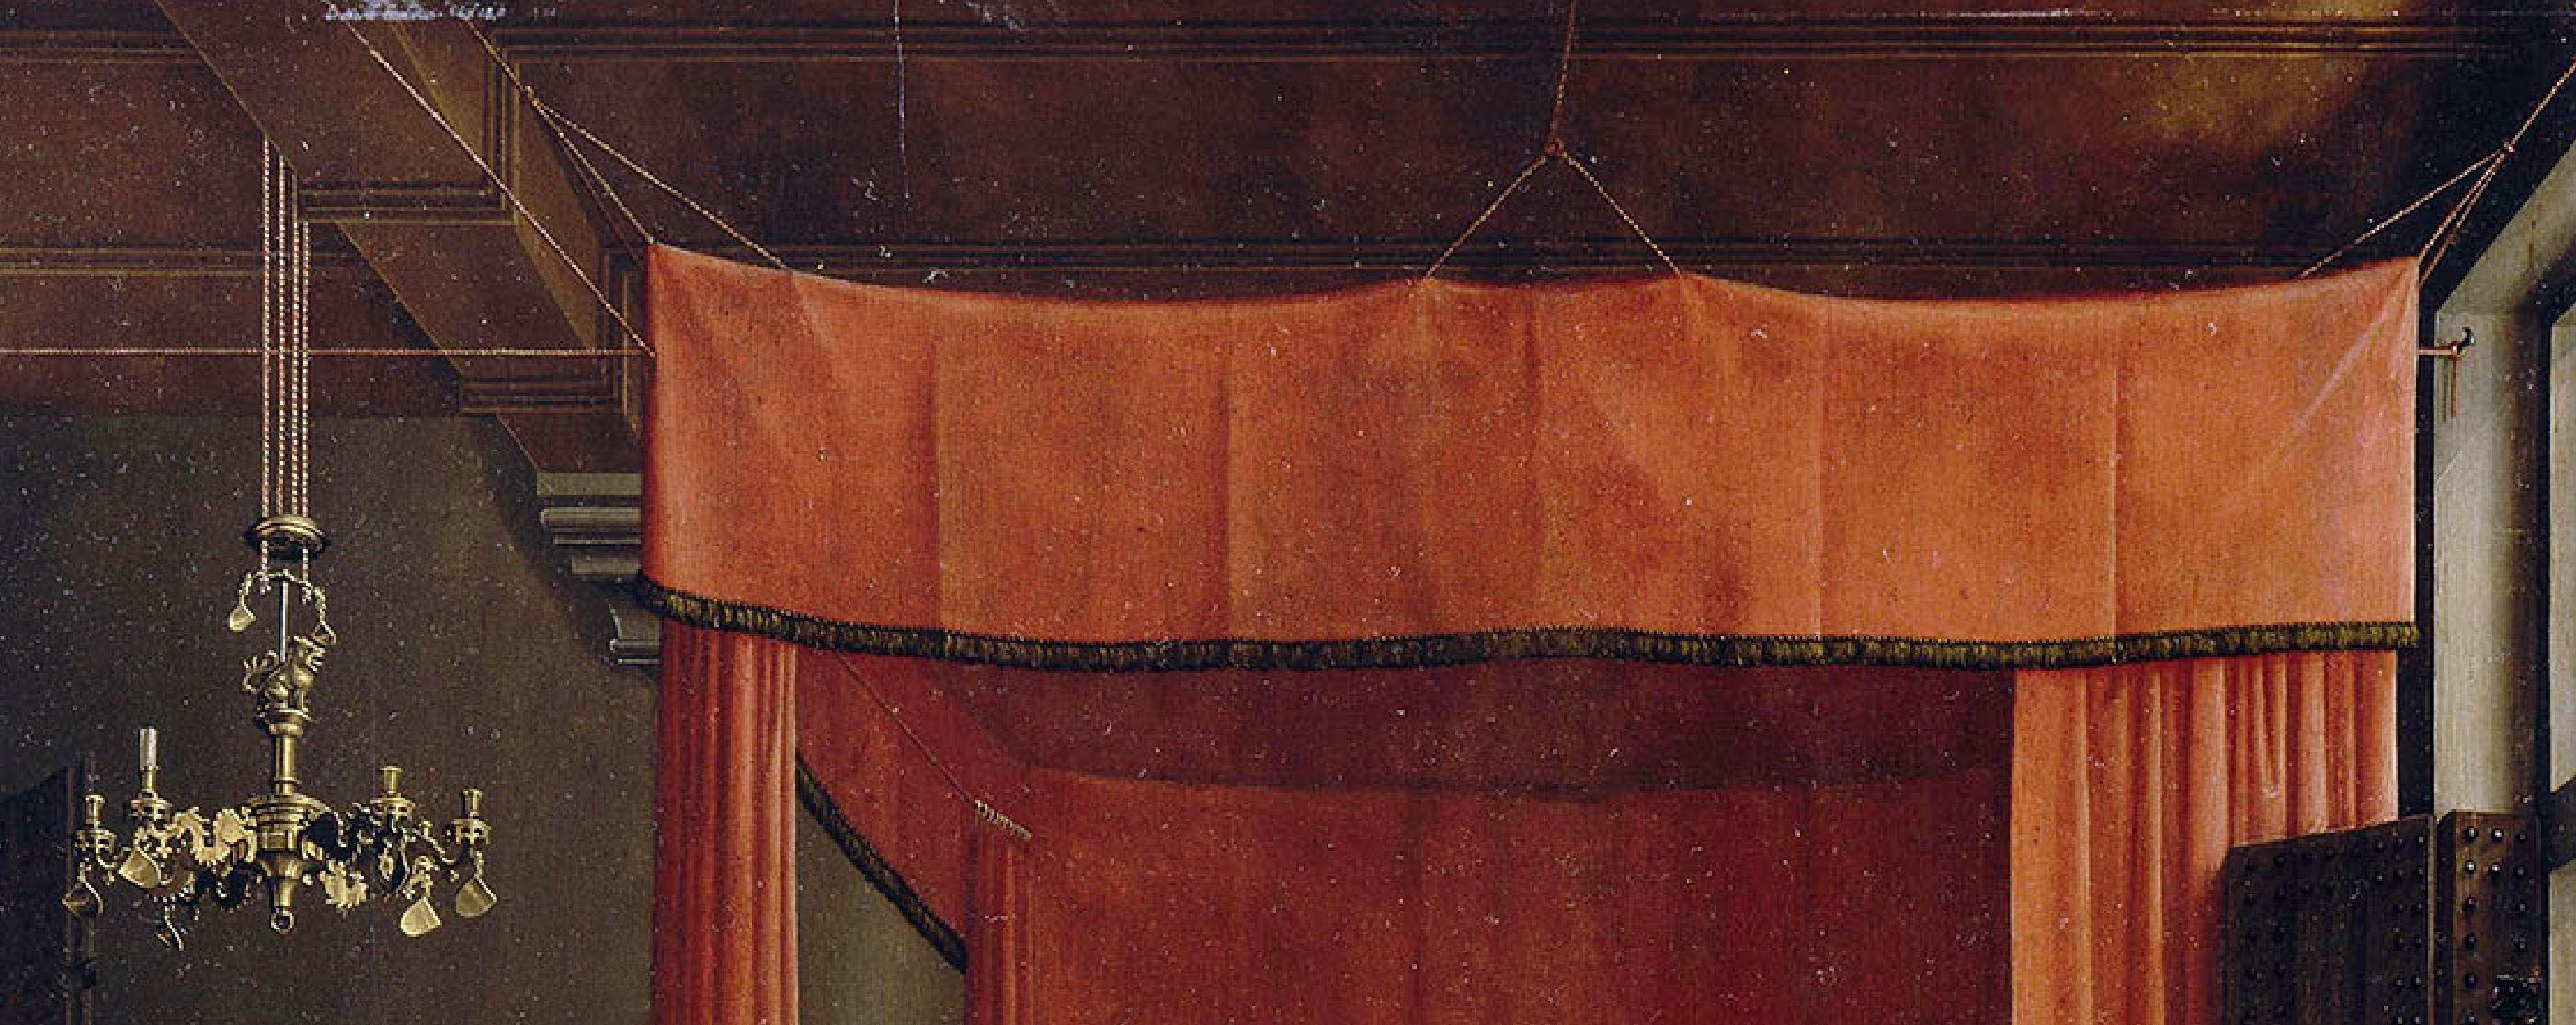 van der weyden 1434 ca annonciation Louvre detail lit